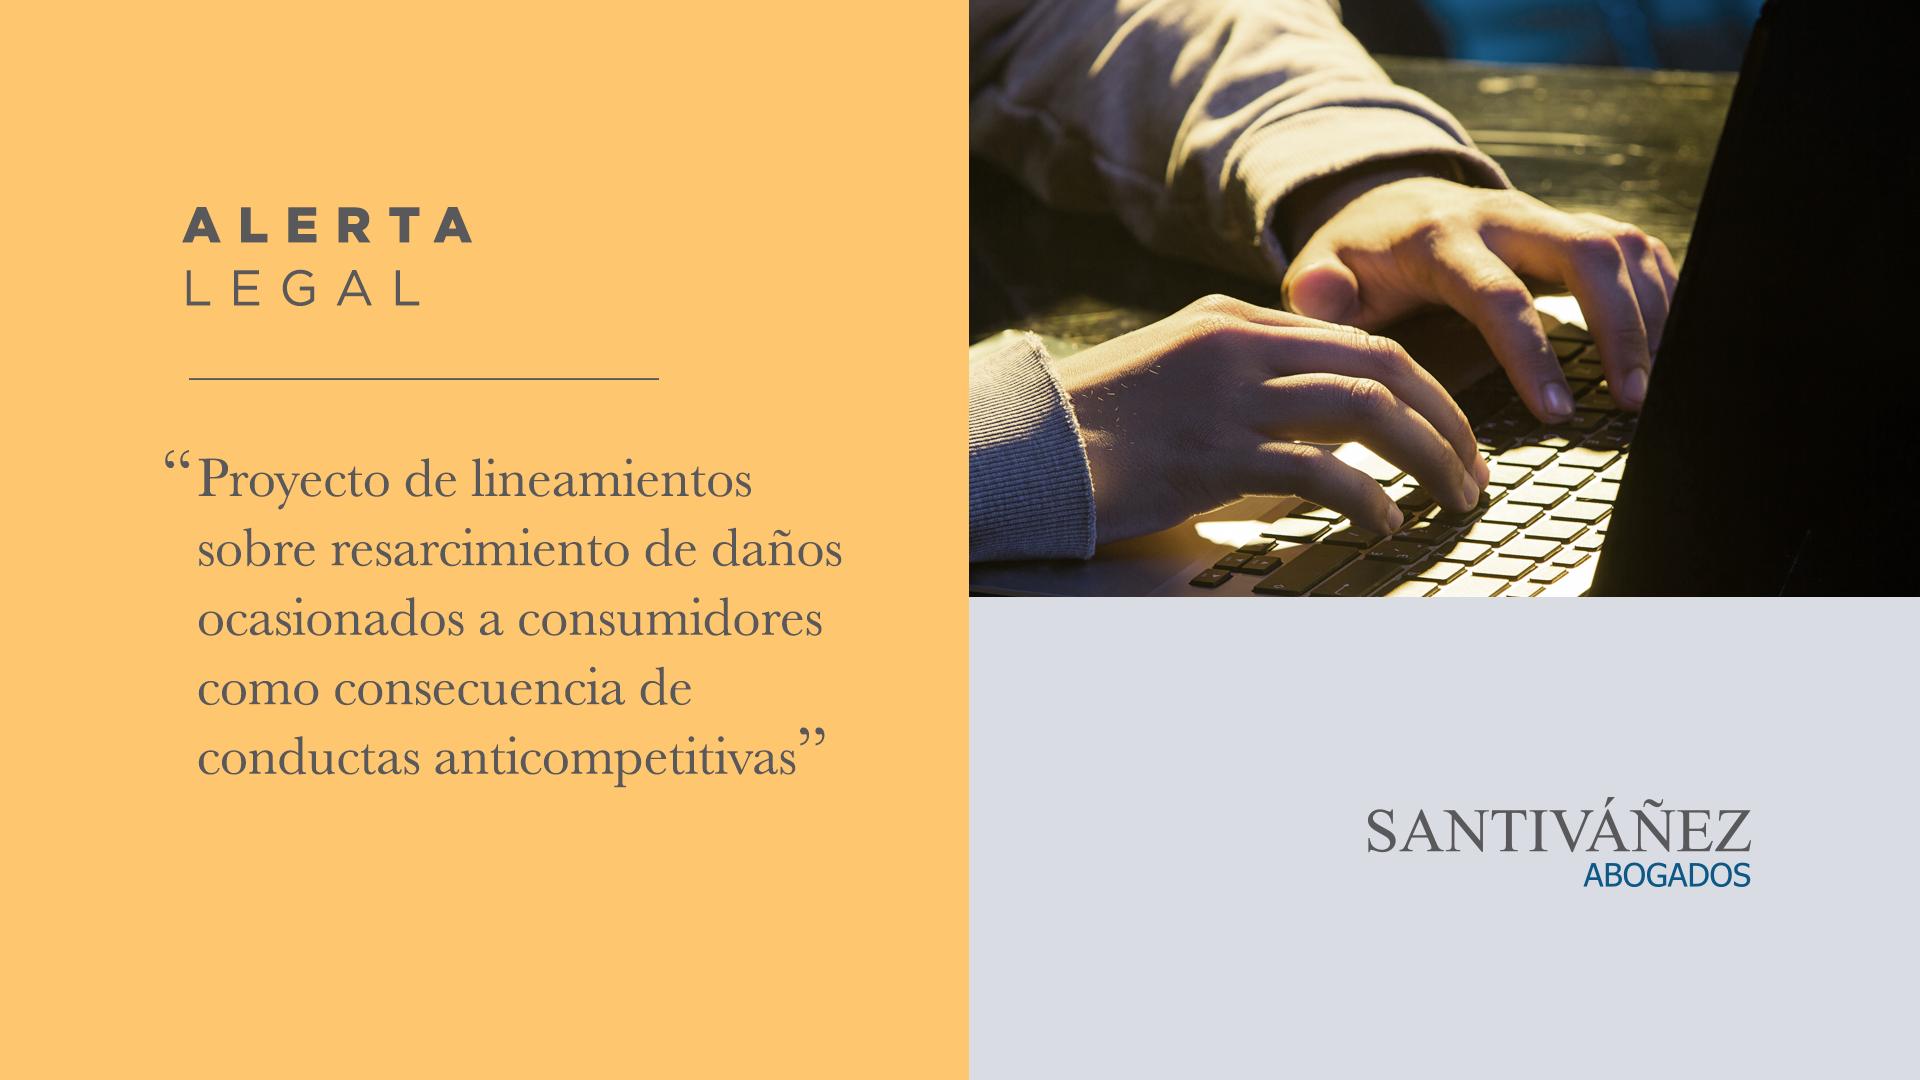 Proyecto de lineamientos sobre resarcimiento de daños ocasionados a consumidores como consecuencia de conductas anticompetitivas